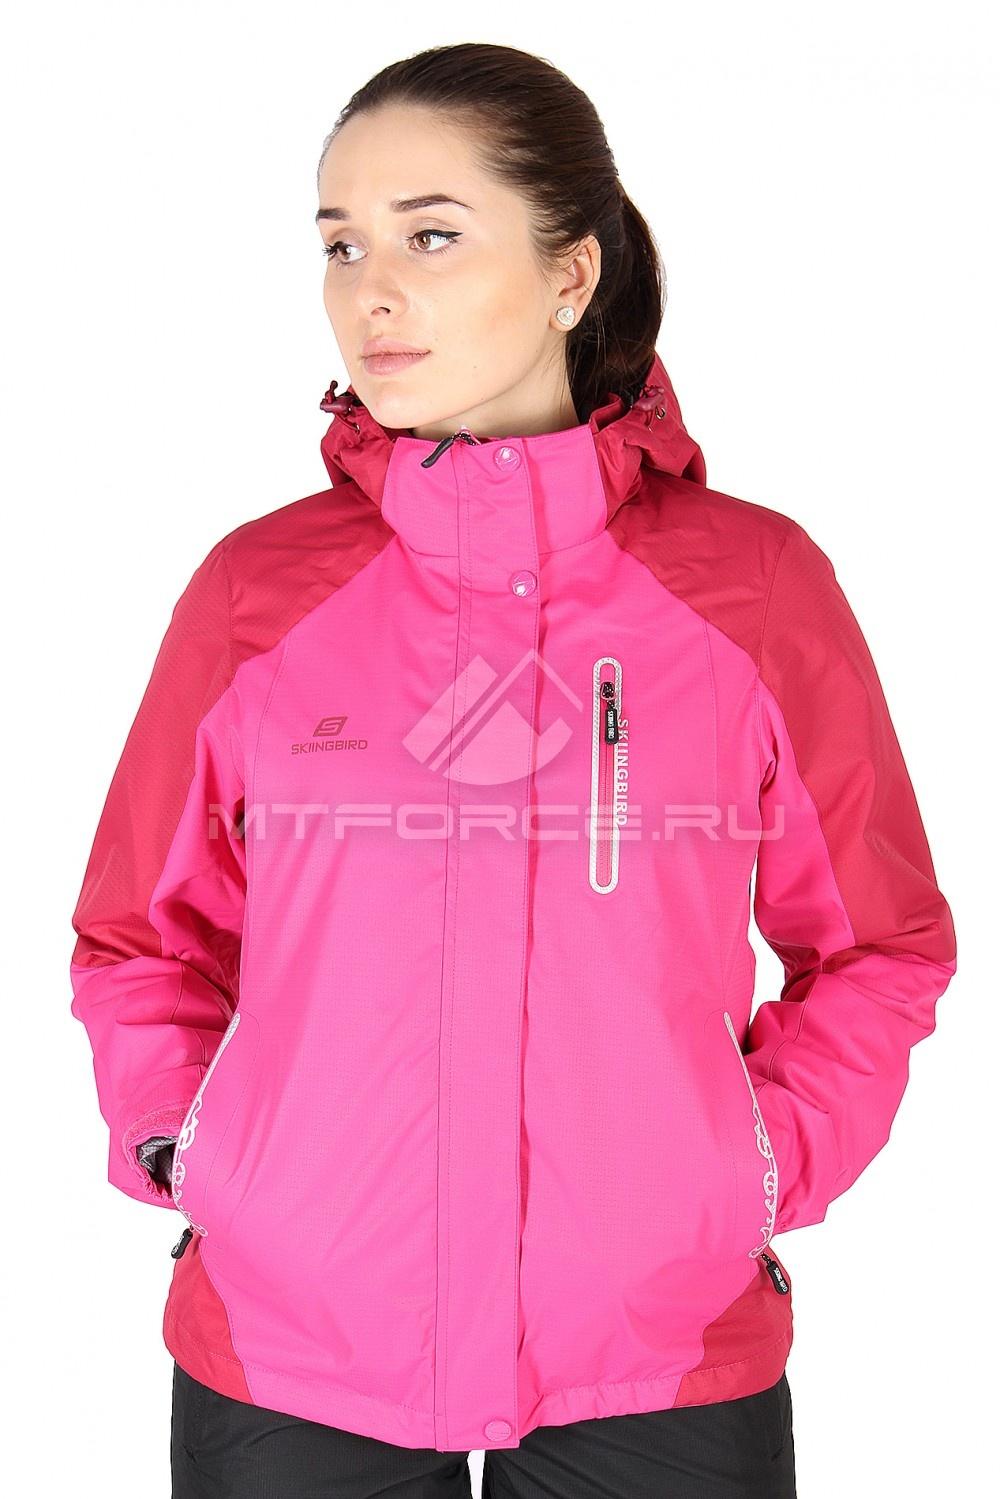 Купить                                  оптом Куртка спортивная женская весна розового цвета 1610R